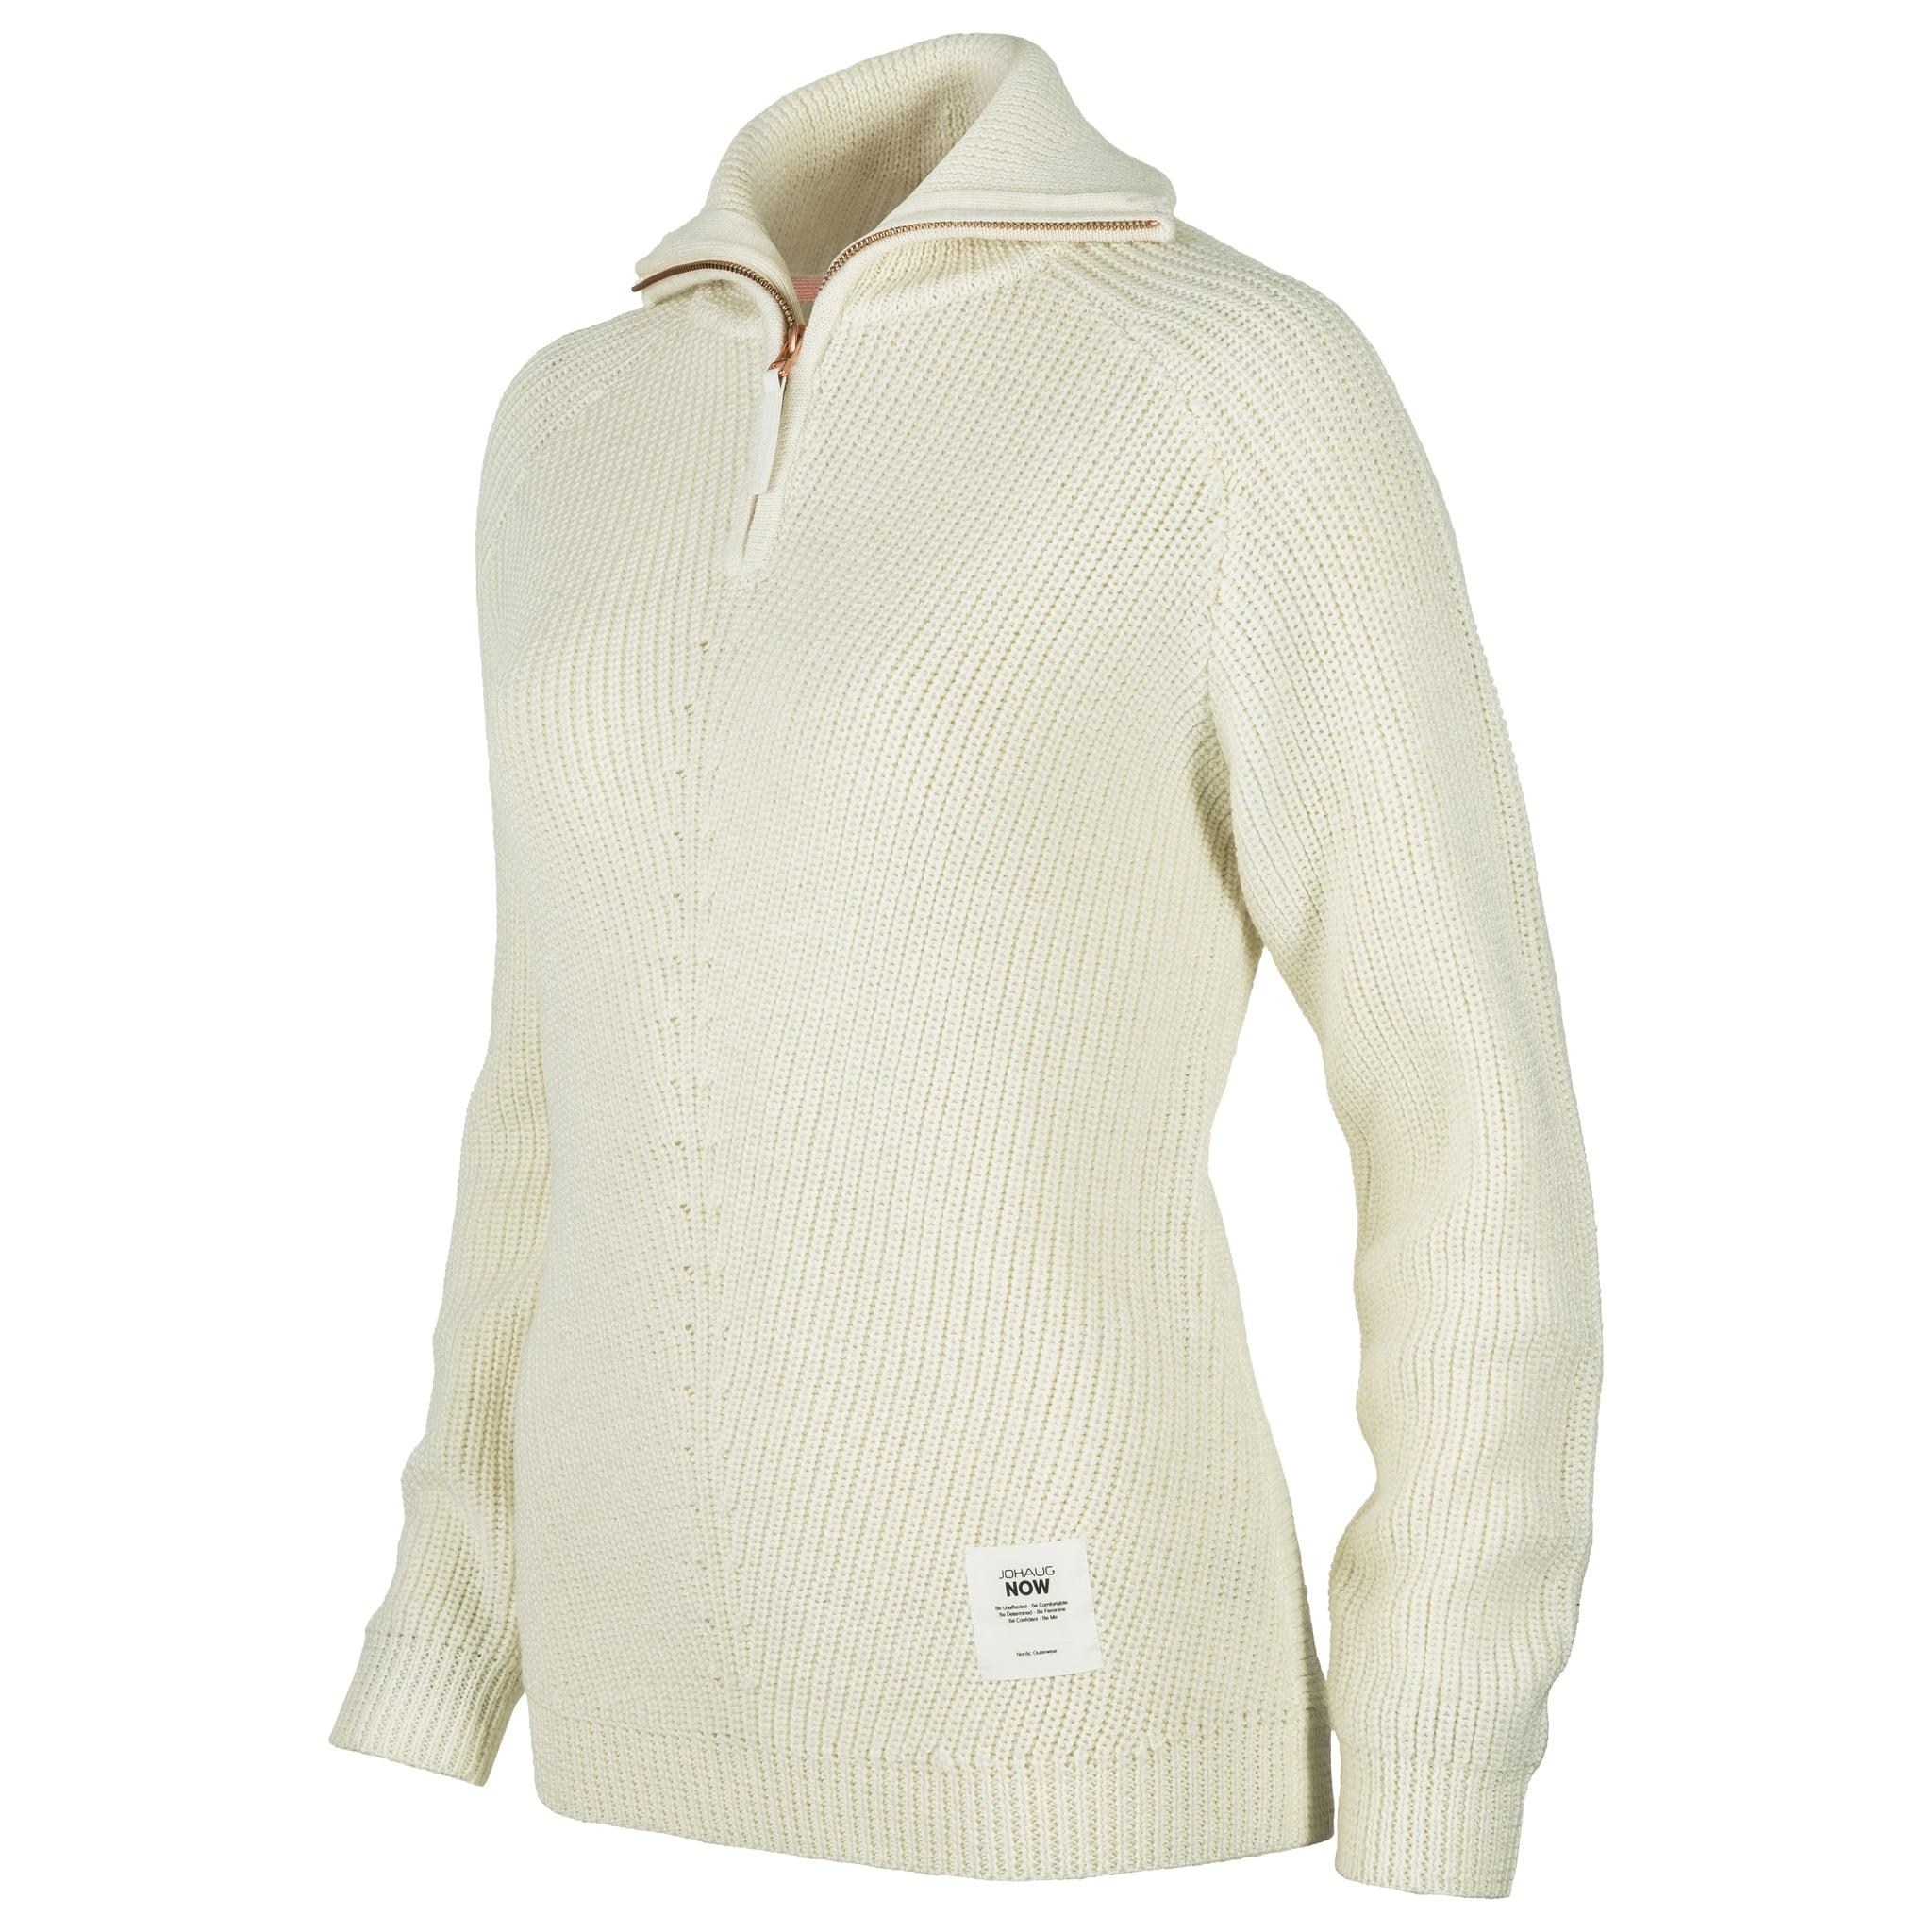 Varm og komfortabel genser